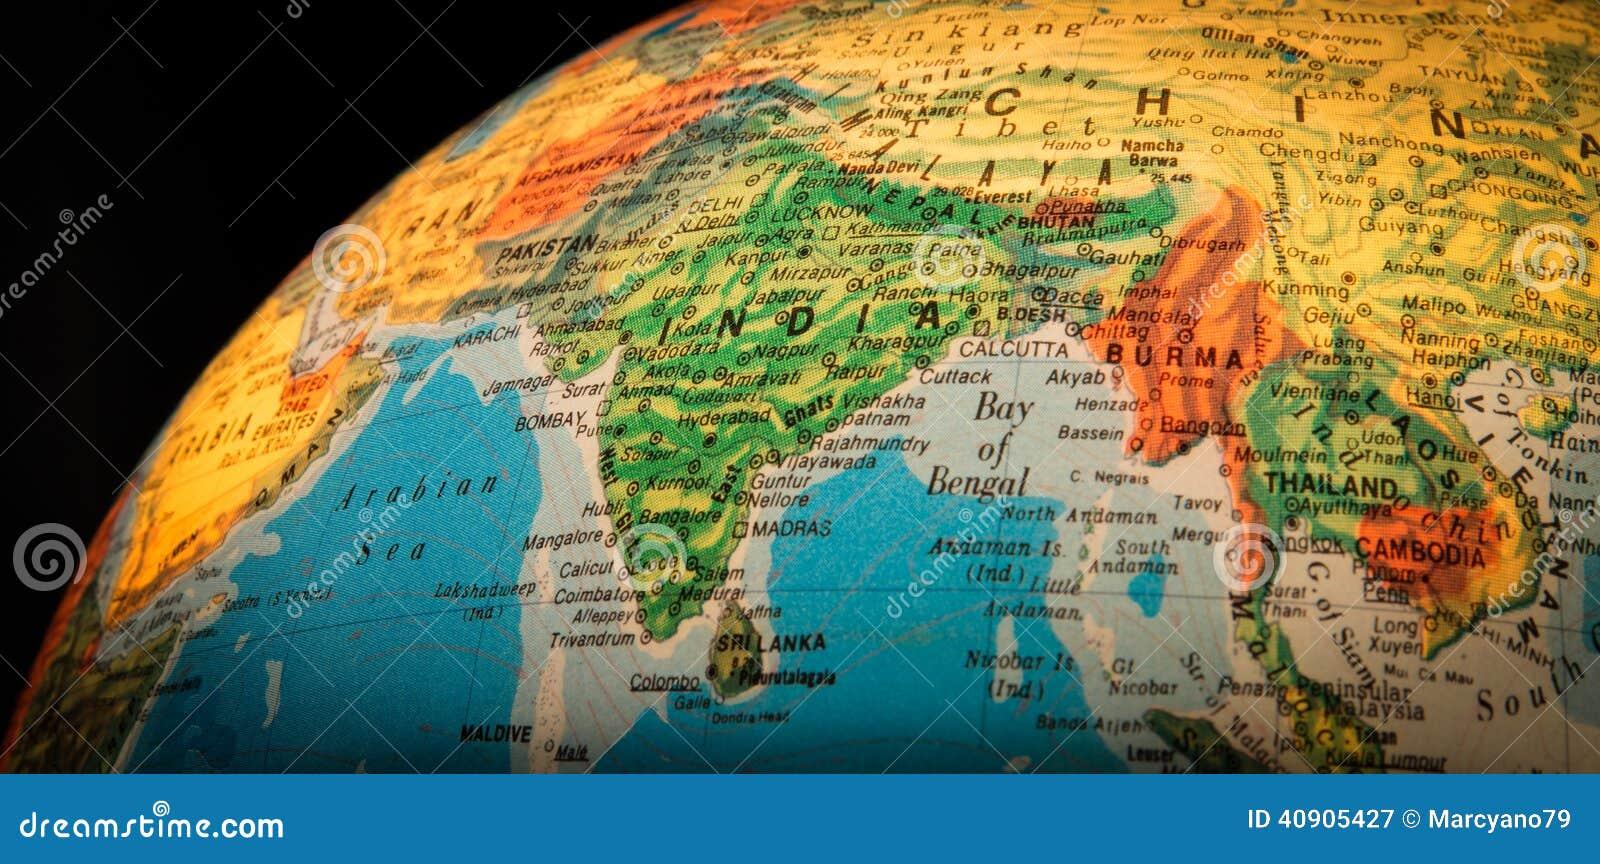 On The Globe India: India Globe Stock Image. Image Of Continental, Black